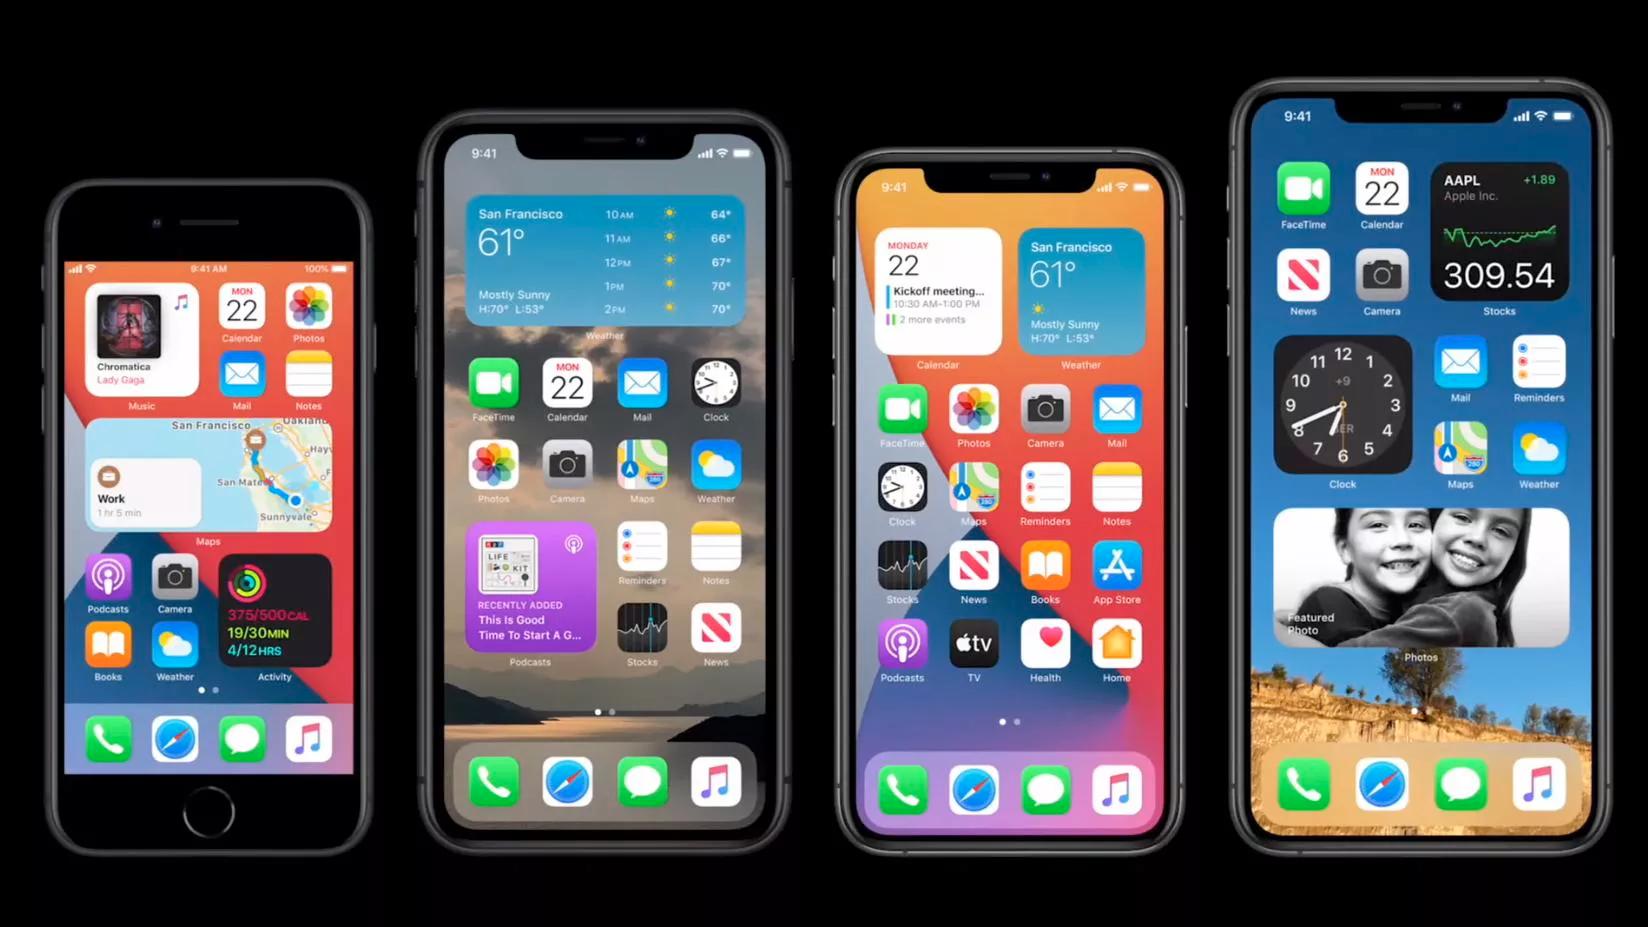 全新的 iOS 14 小组件官方设计指南